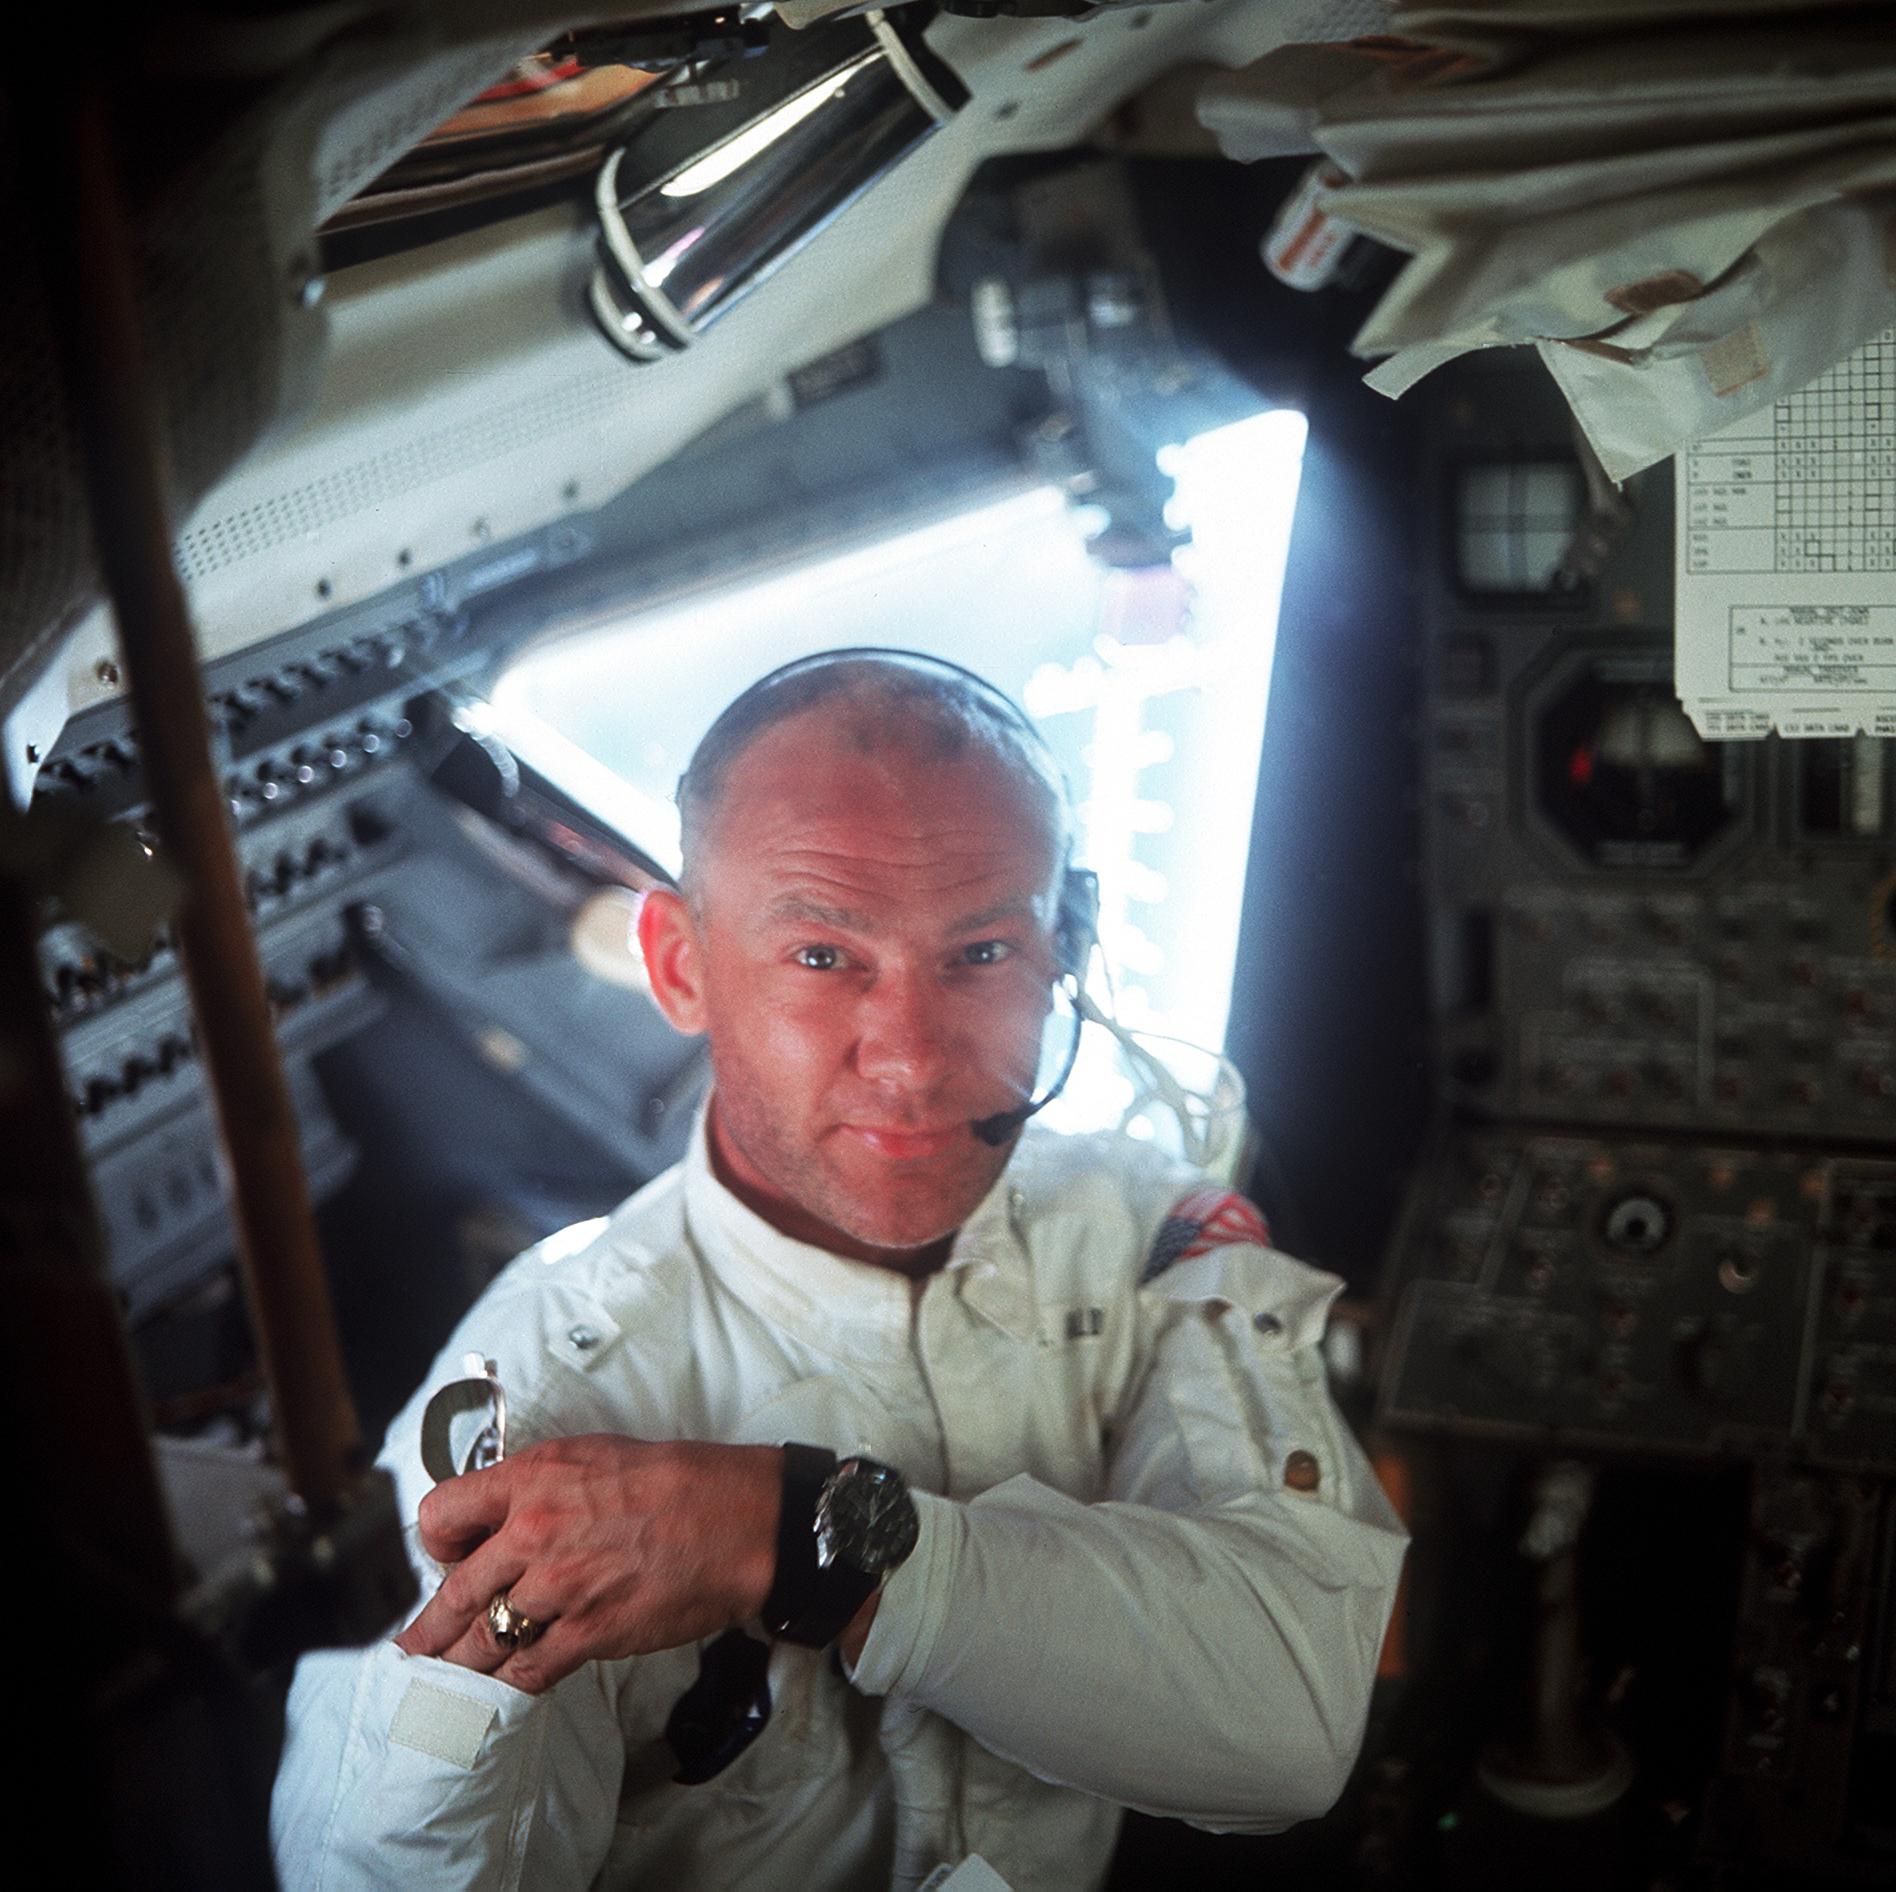 buzz armstrong astronaut - photo #33